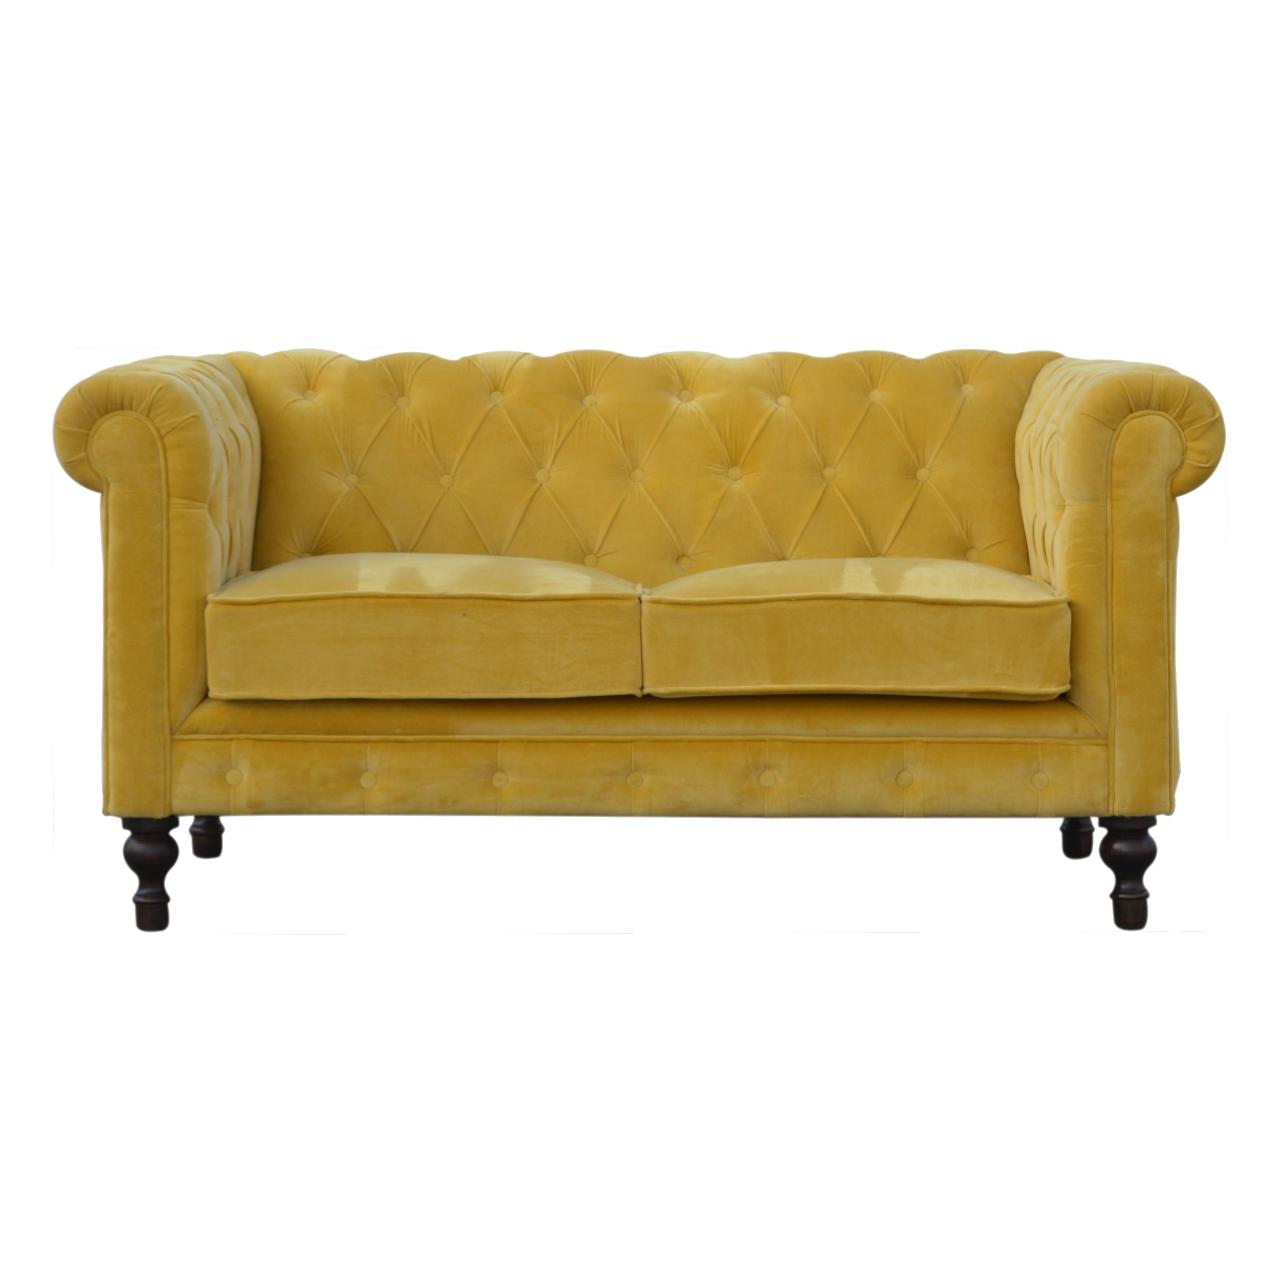 IN814 - Mustard Velvet 2 Seater Chesterfield Sofa